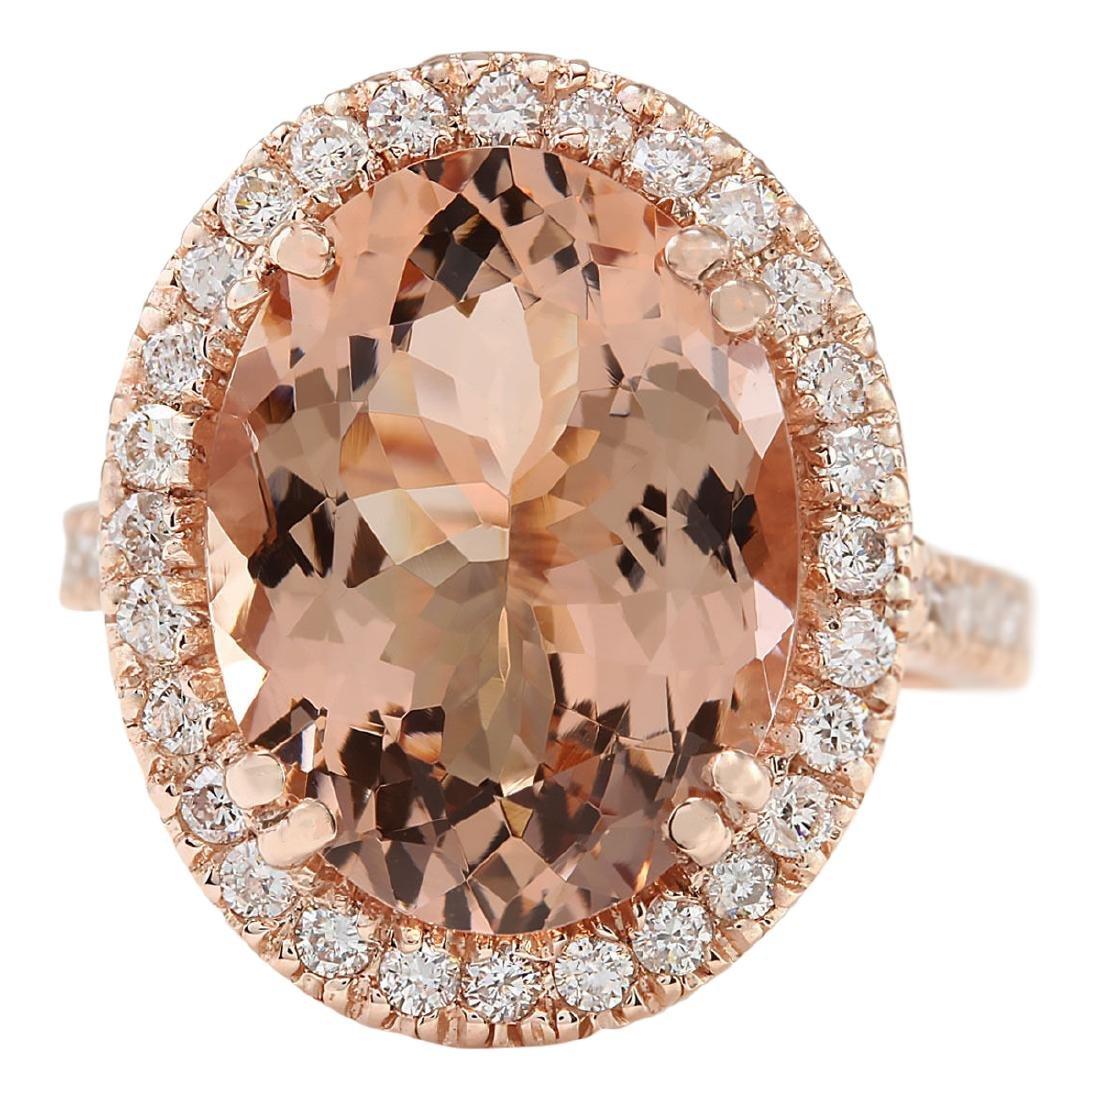 8.26 CTW Natural Morganite And Diamond Ring In 18K Rose